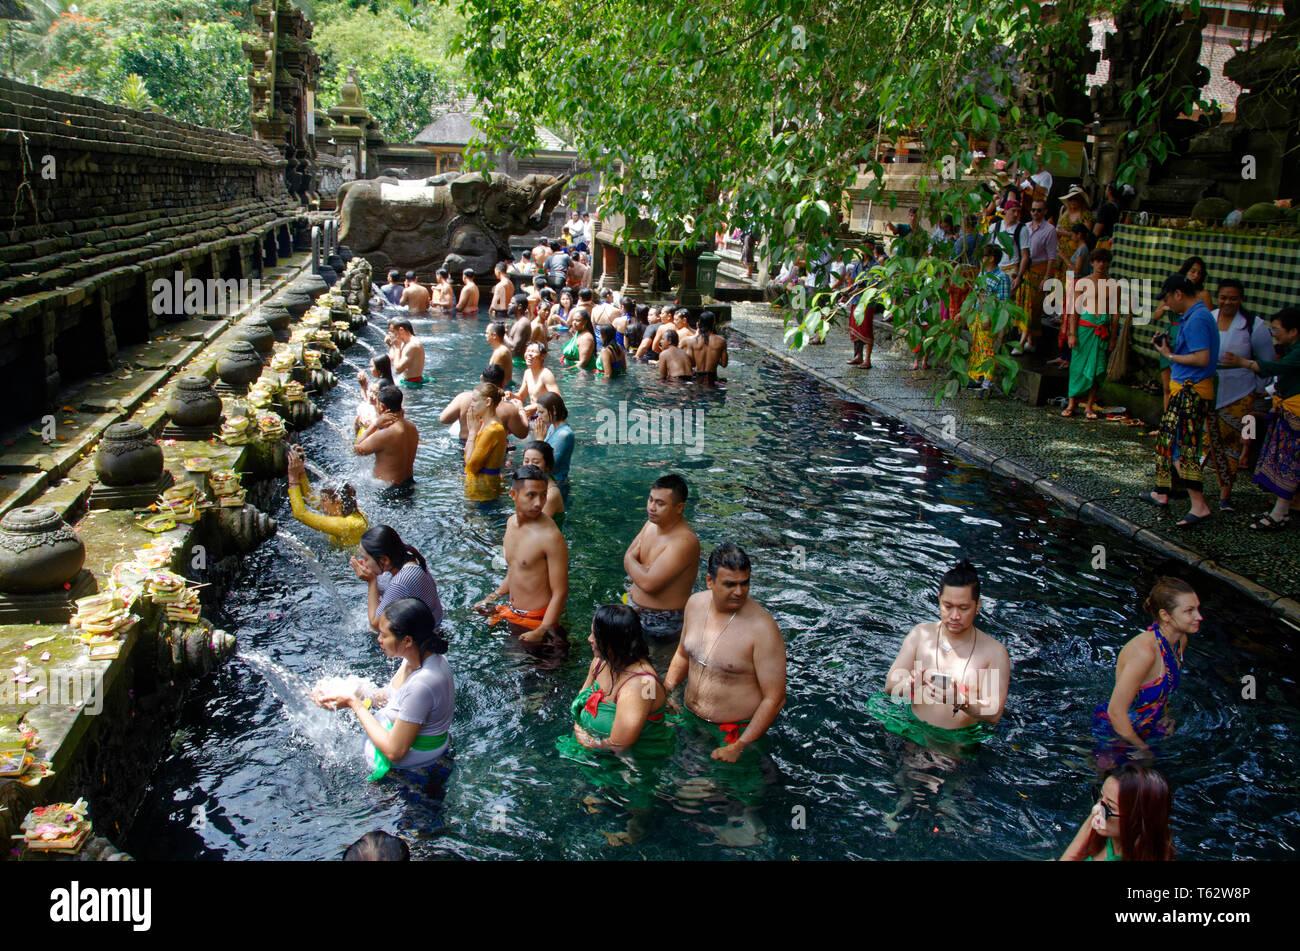 Les touristes et les fidèles du nettoyage ethnique à Tampak Siring, le saint temple de l'eau ressort près de Ubud à Bali, Indonésie Photo Stock